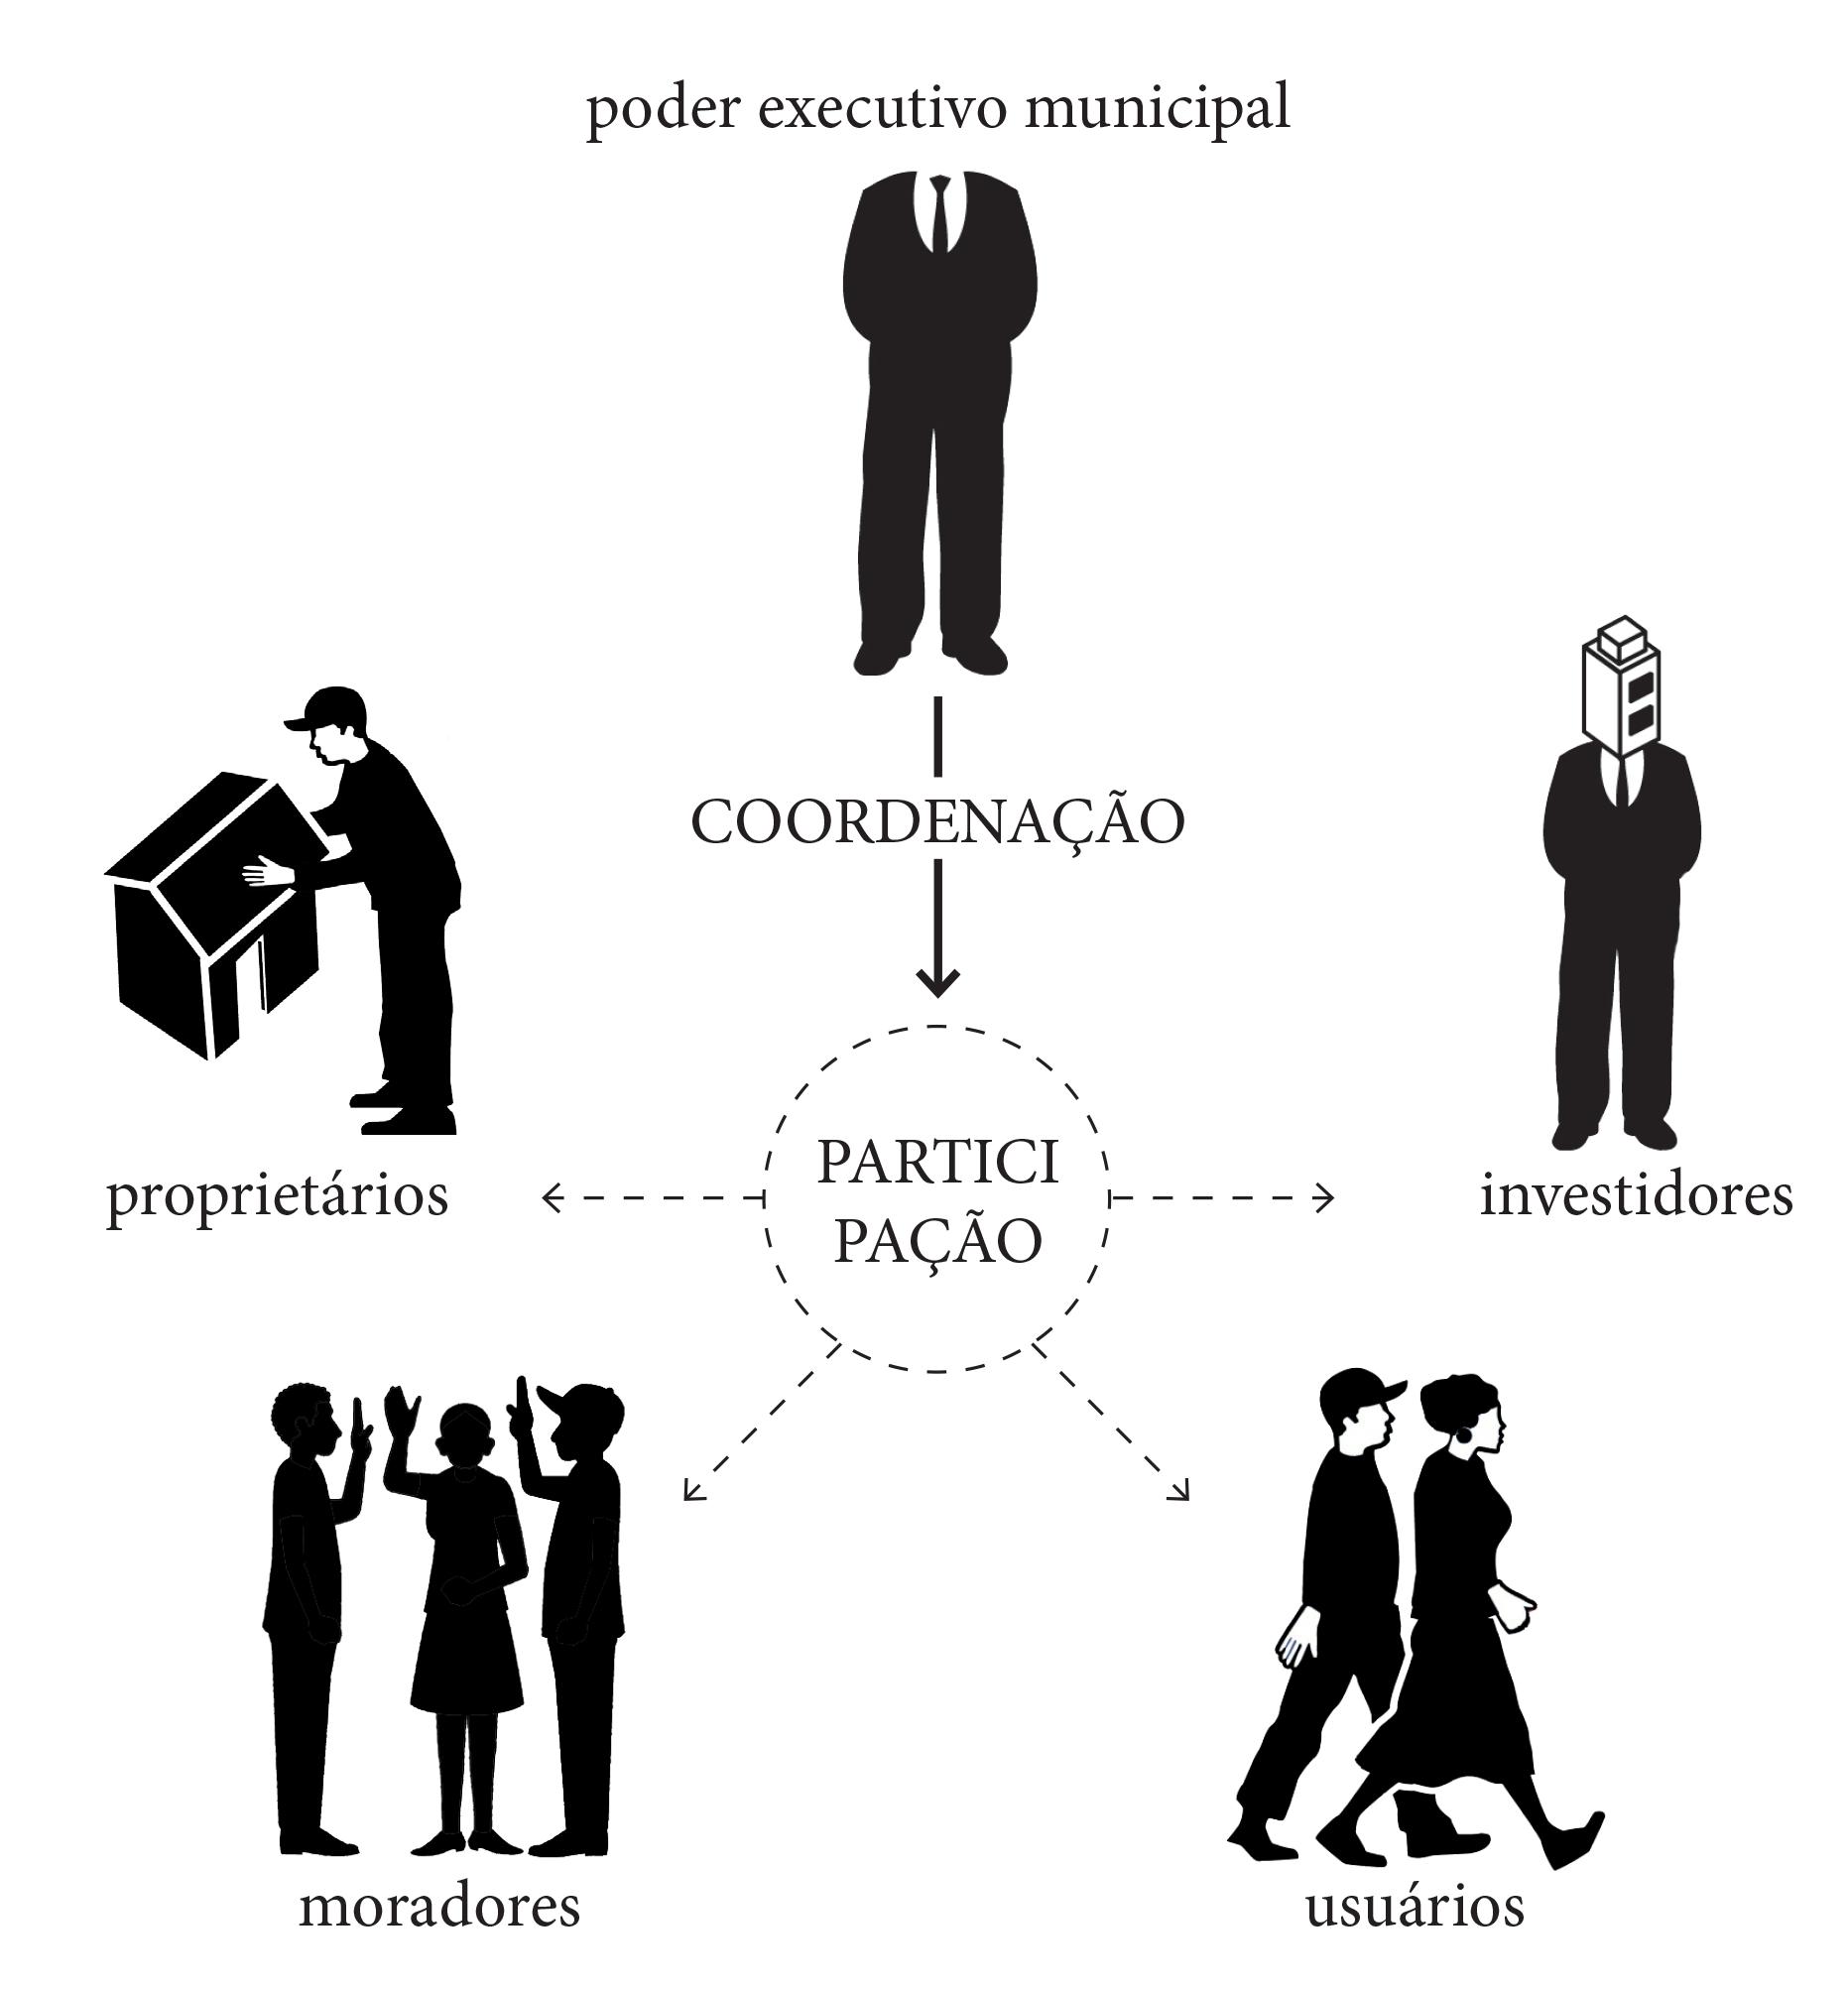 Fonte: CHAGAS, Fernanda. A Parceria Público Privada na Produção do Espaço